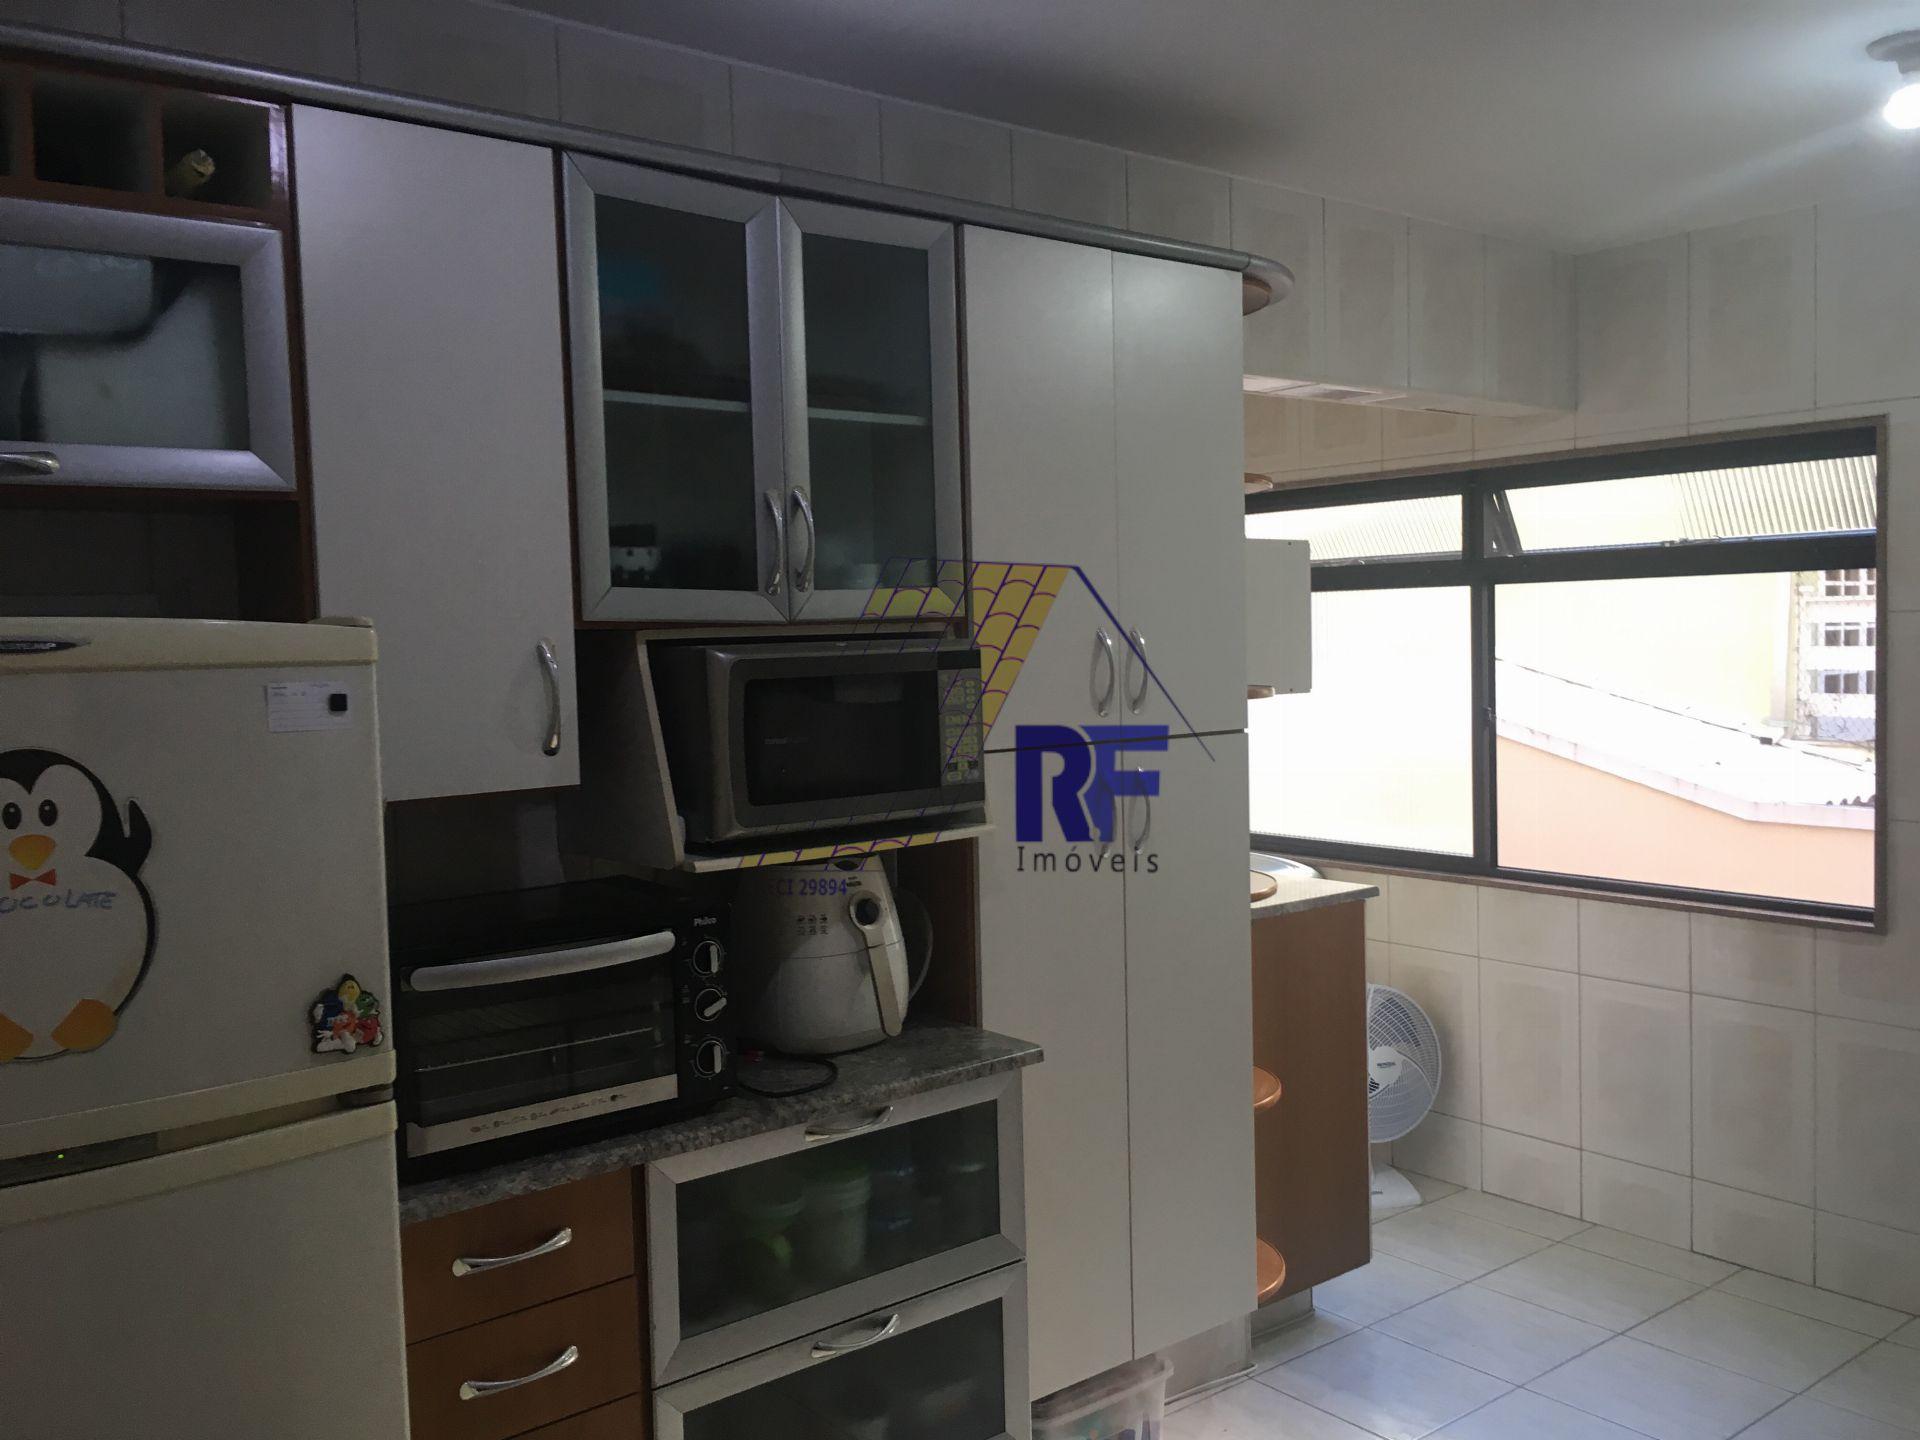 FOTO 7 - Apartamento à venda Rua Águas Mornas,Vila Valqueire, Rio de Janeiro - R$ 580.000 - RF130 - 8